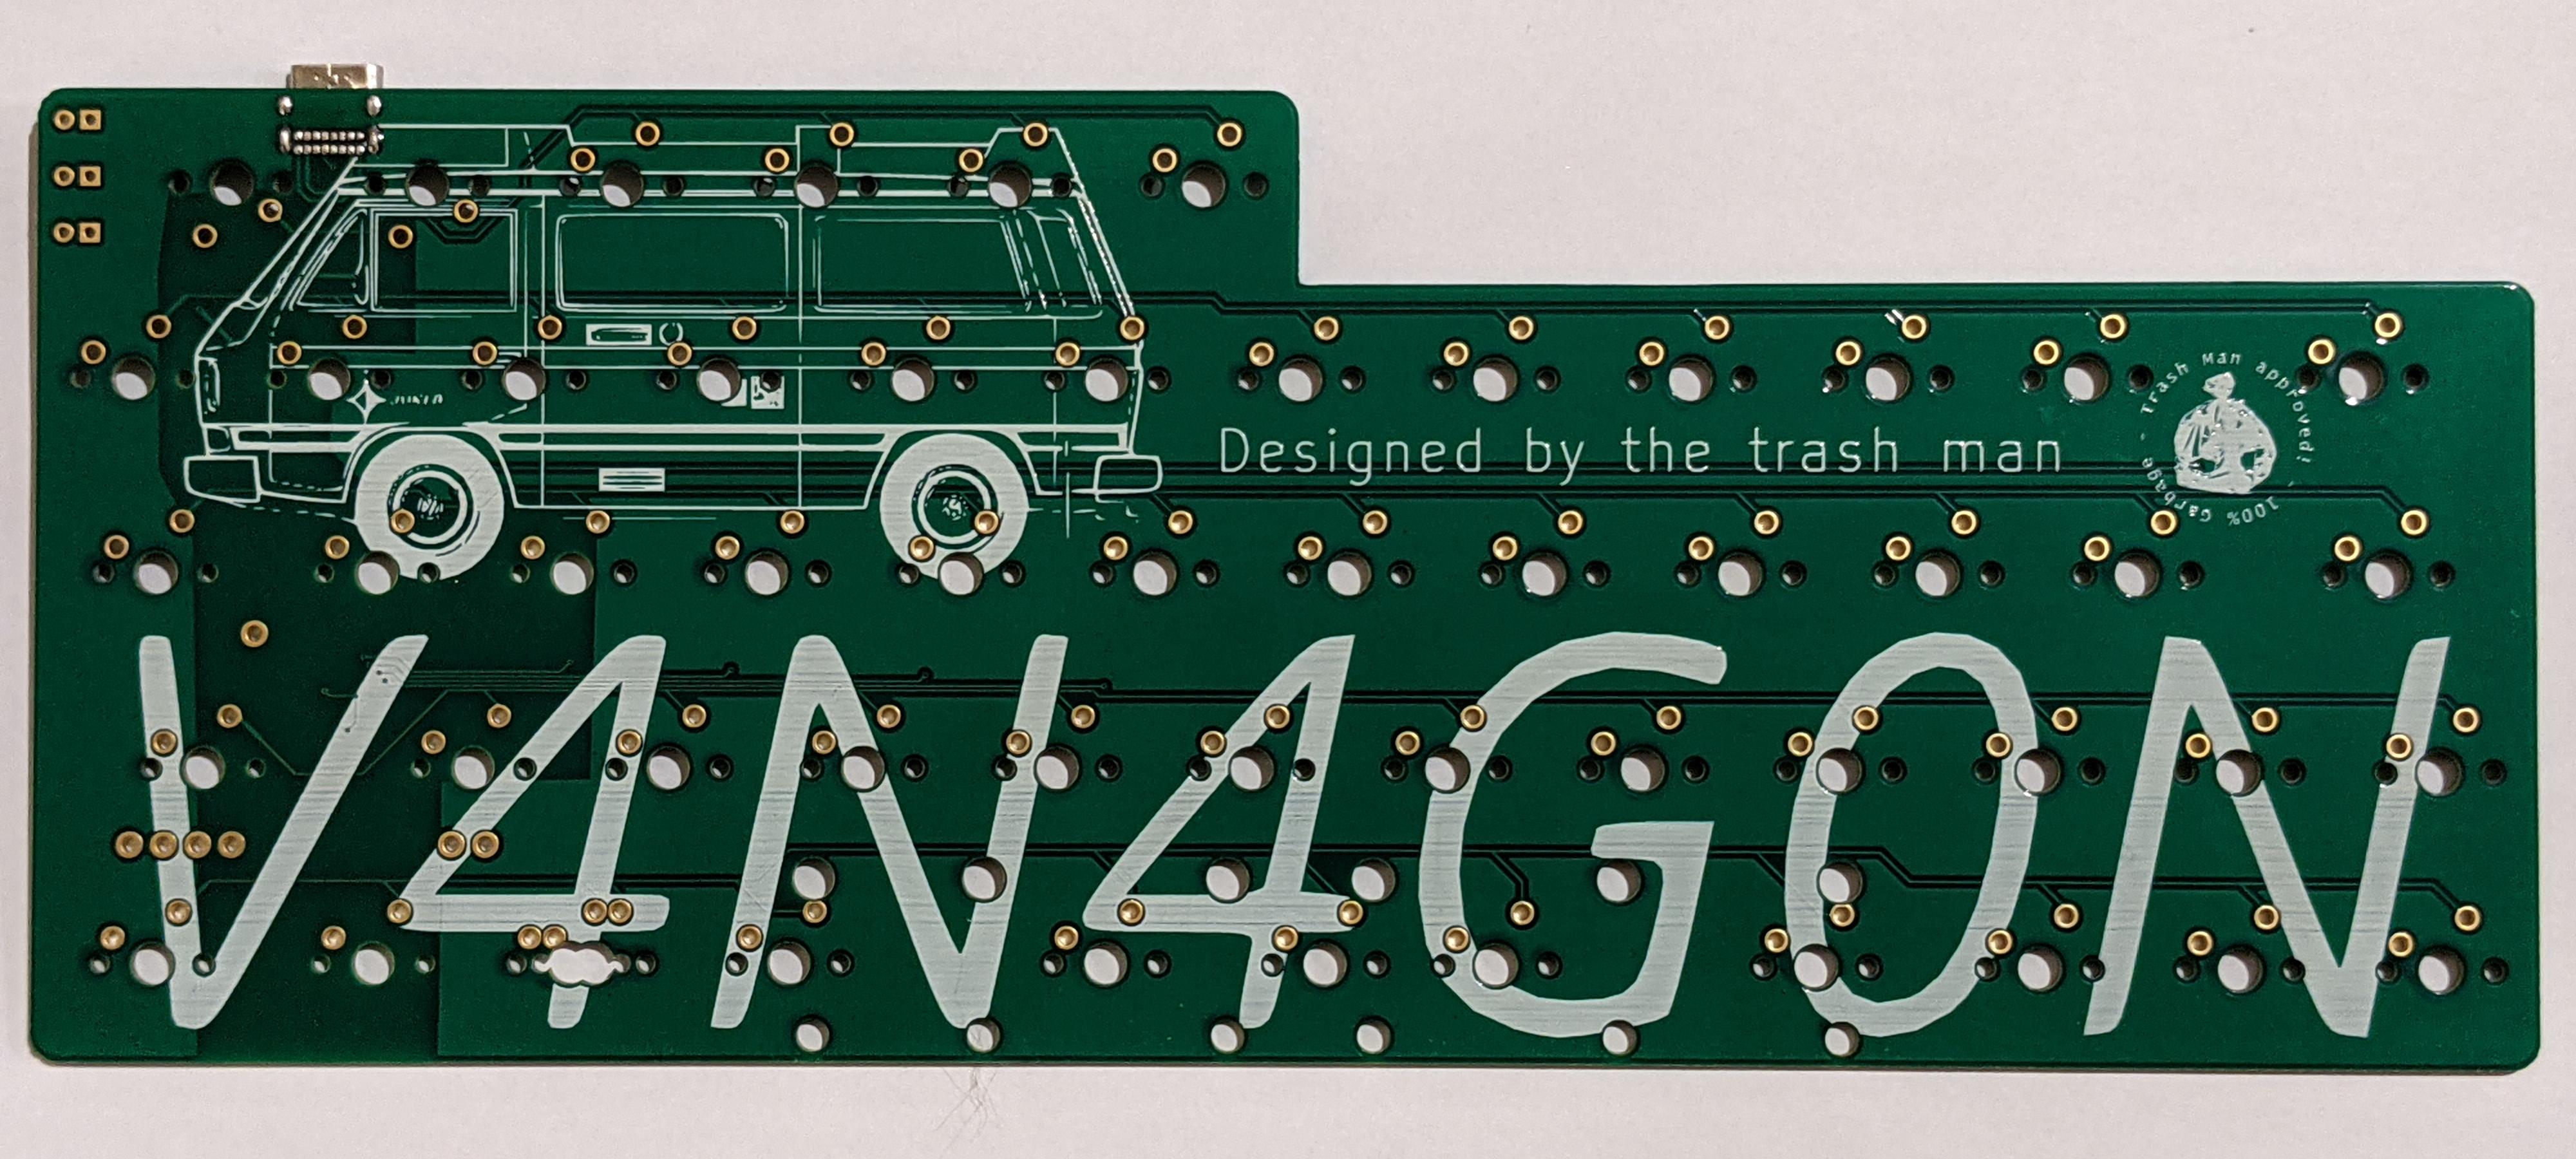 V4N4G0N R2 PCB front